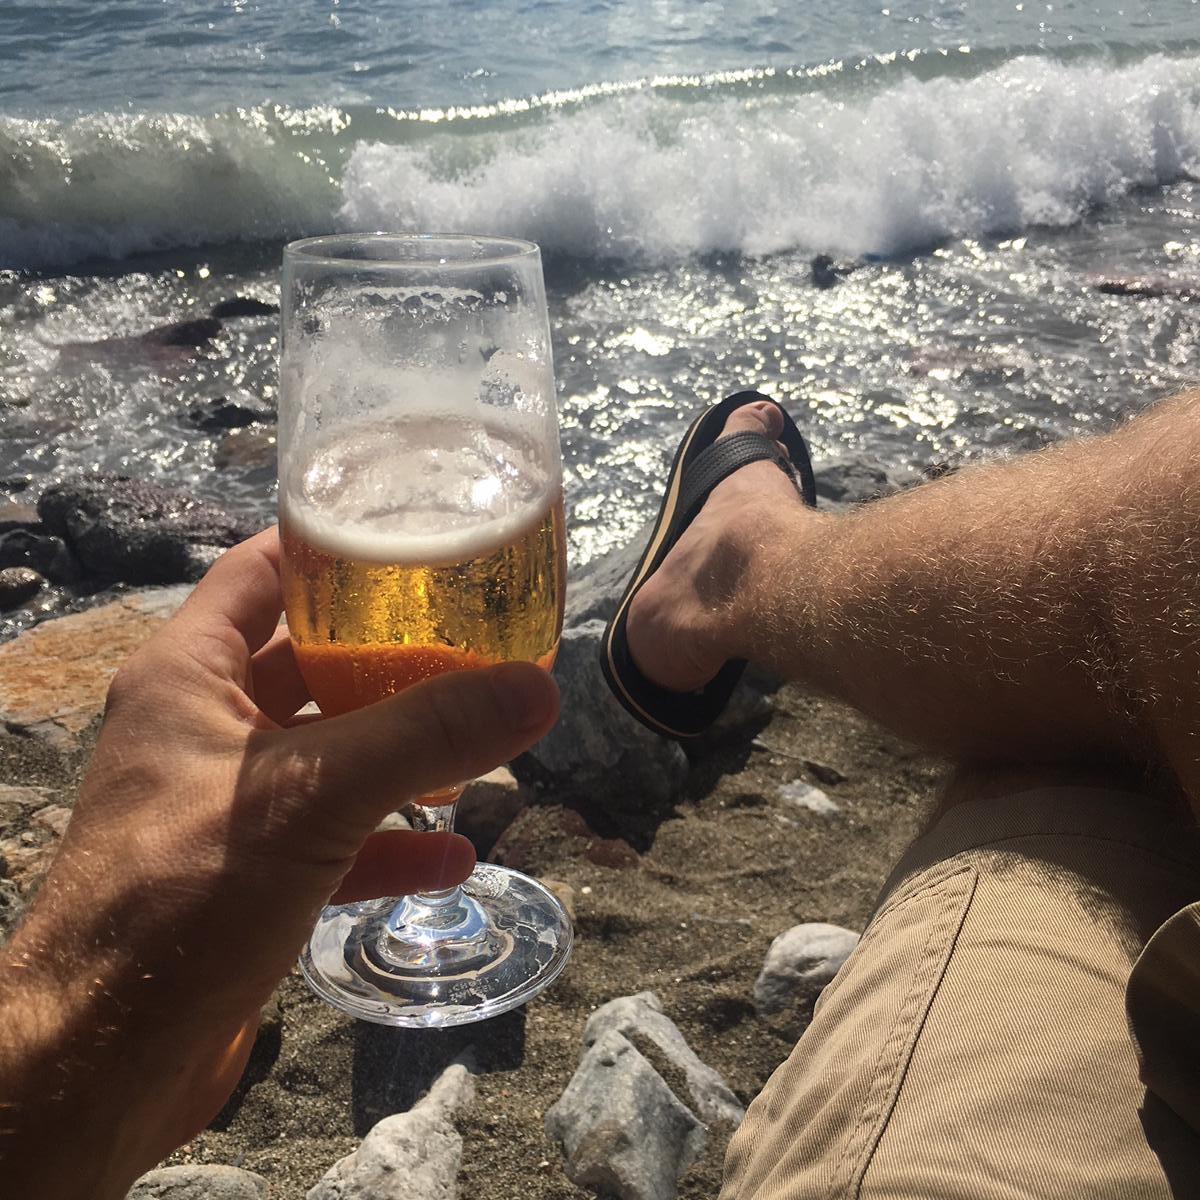 Bier und Meeresrauschen